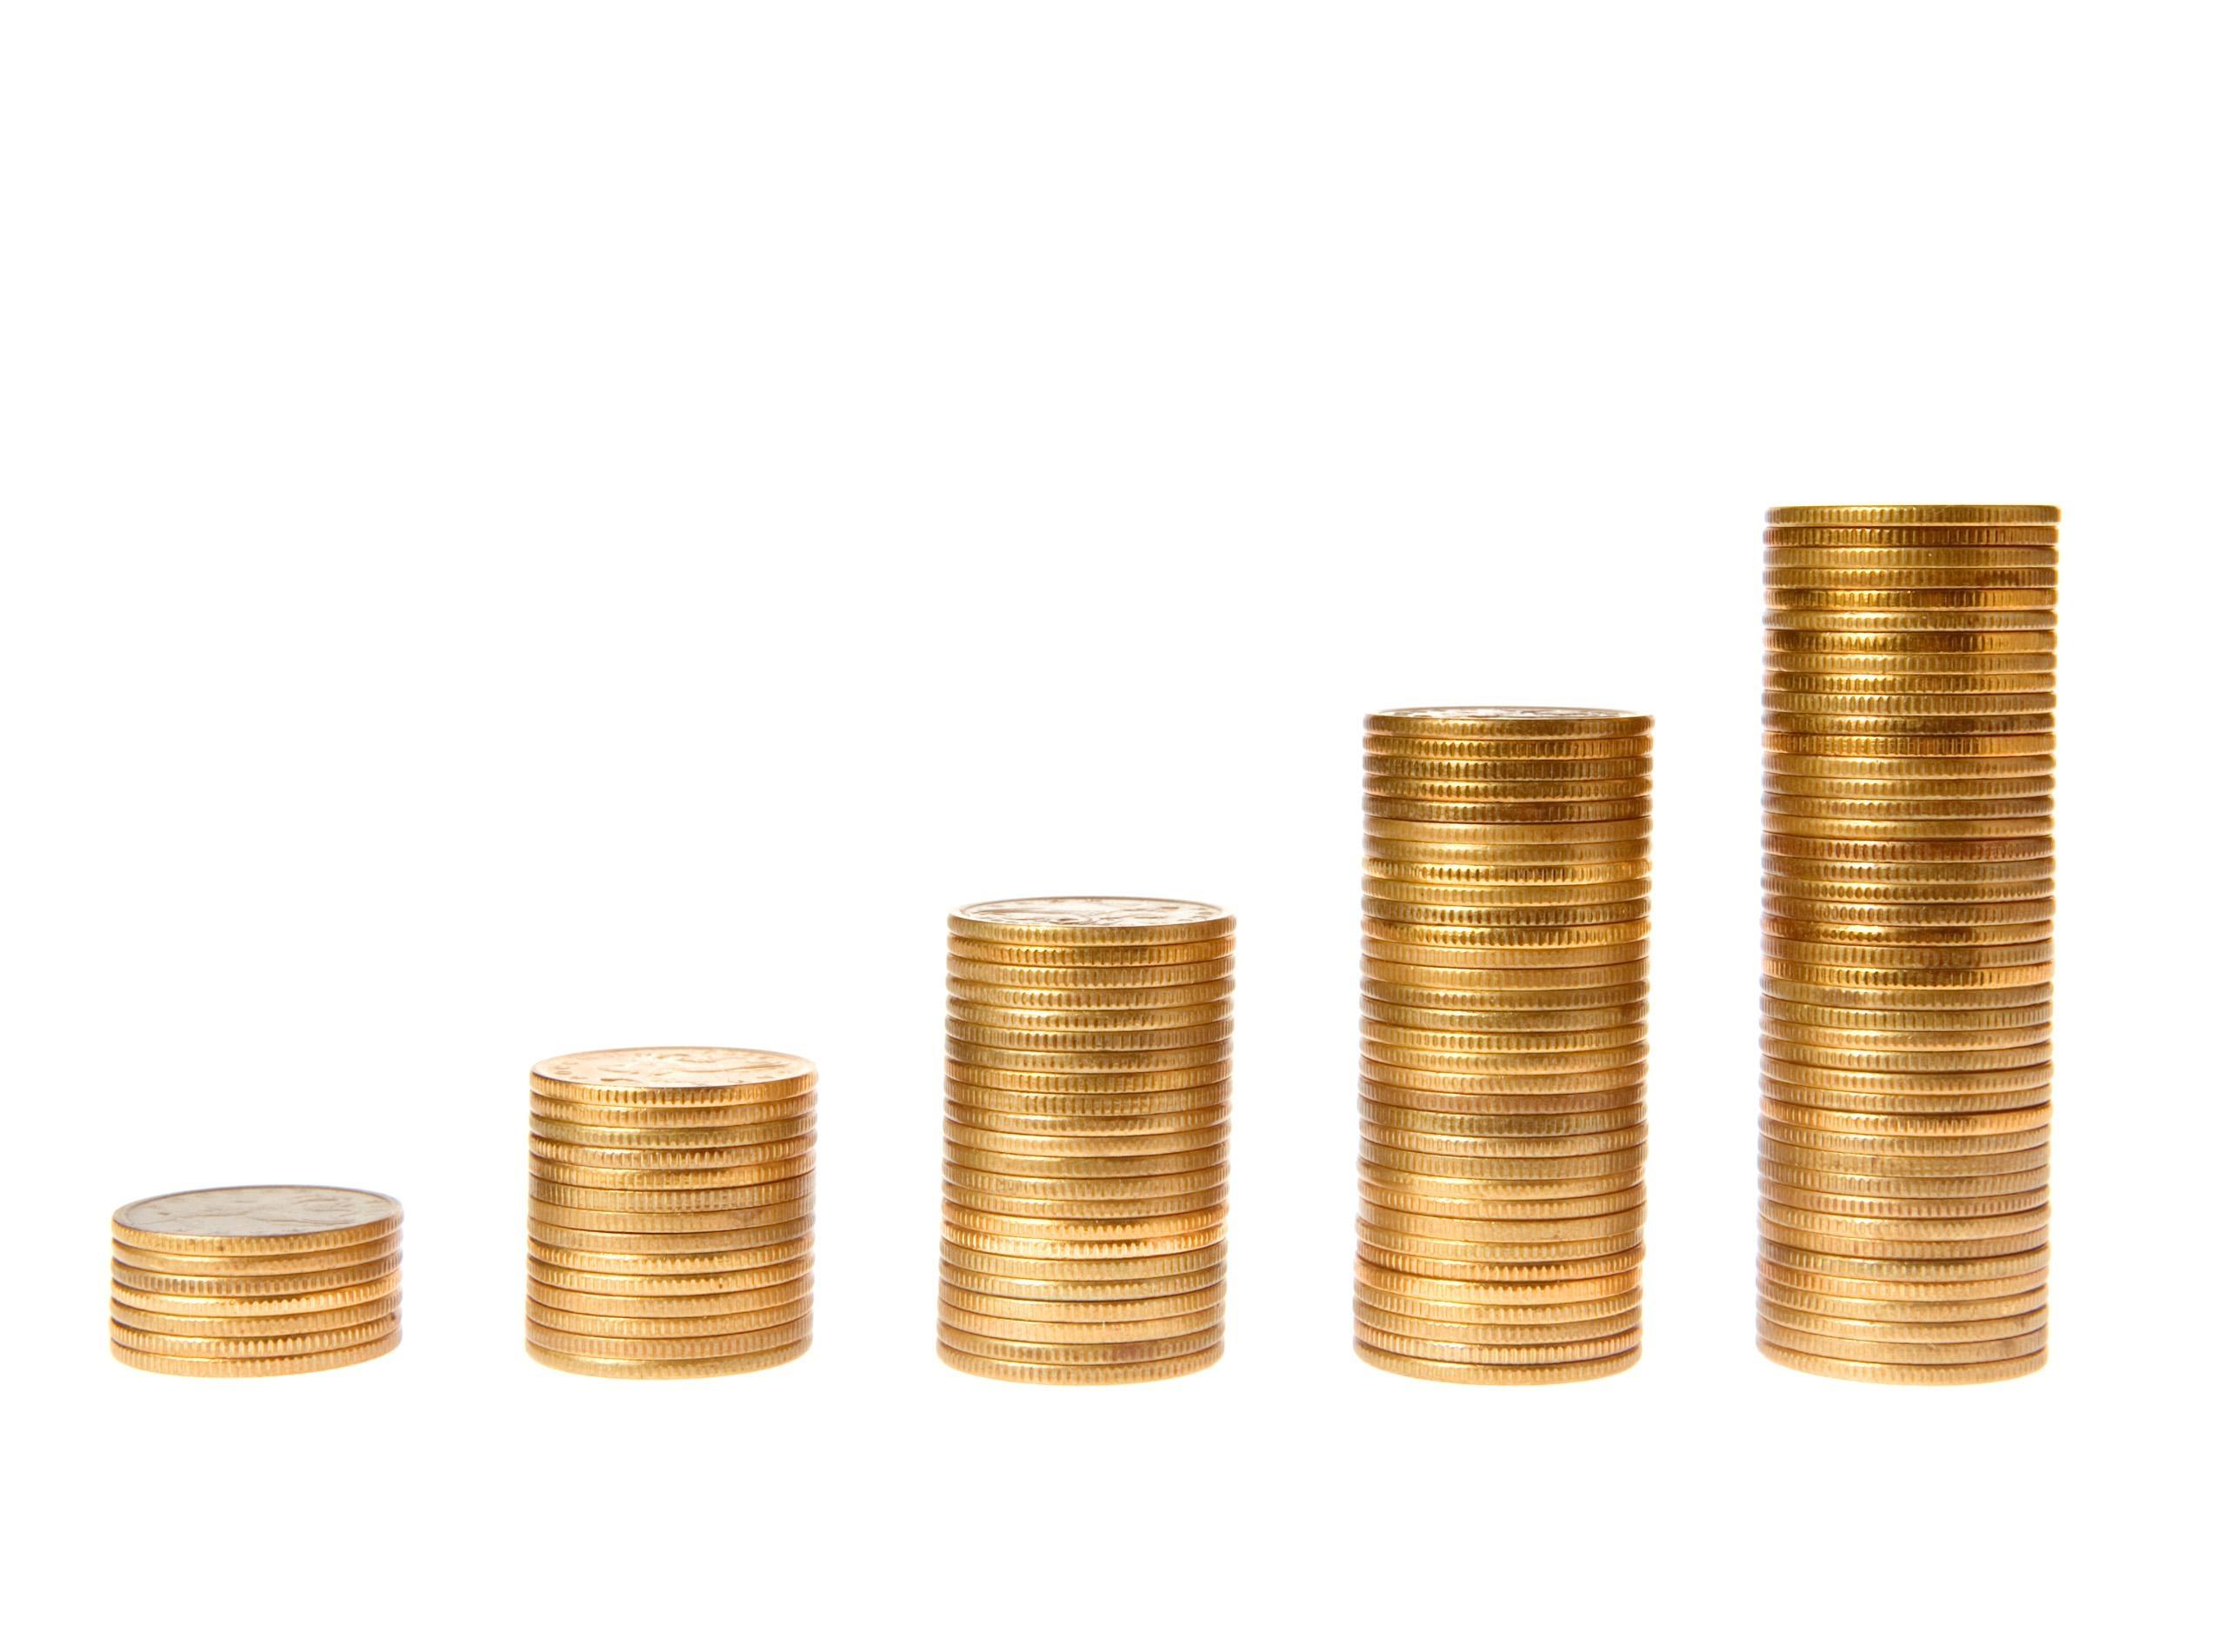 Увеличение ук за счет дополнительных вкладов третьих лиц 9 фотография